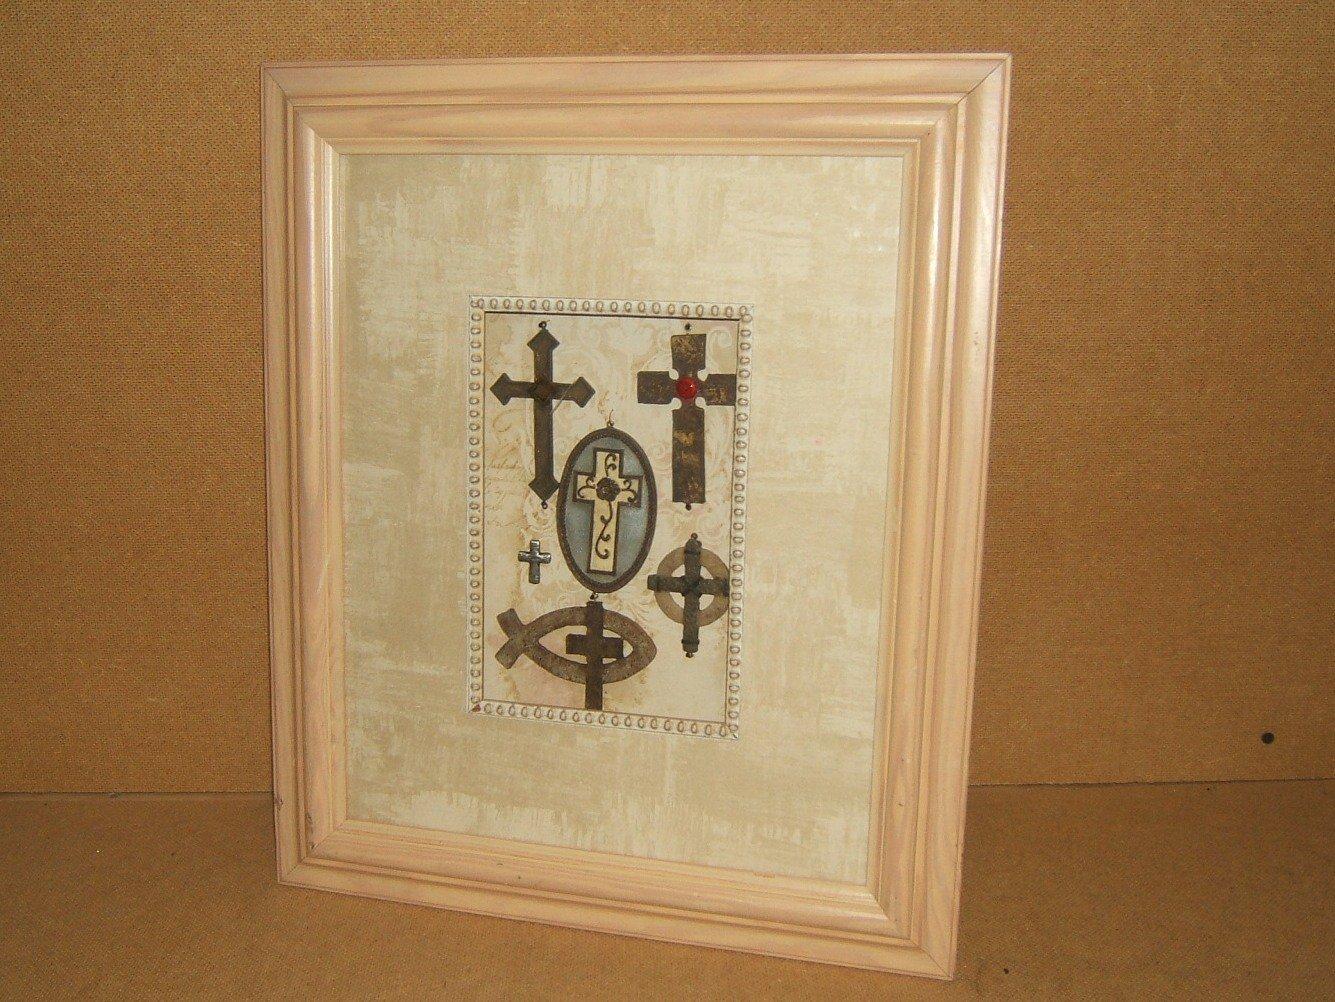 VandePoll Picture Frame Birdhouse 19in x 16in x 3in Whitewash/Beiges Folk